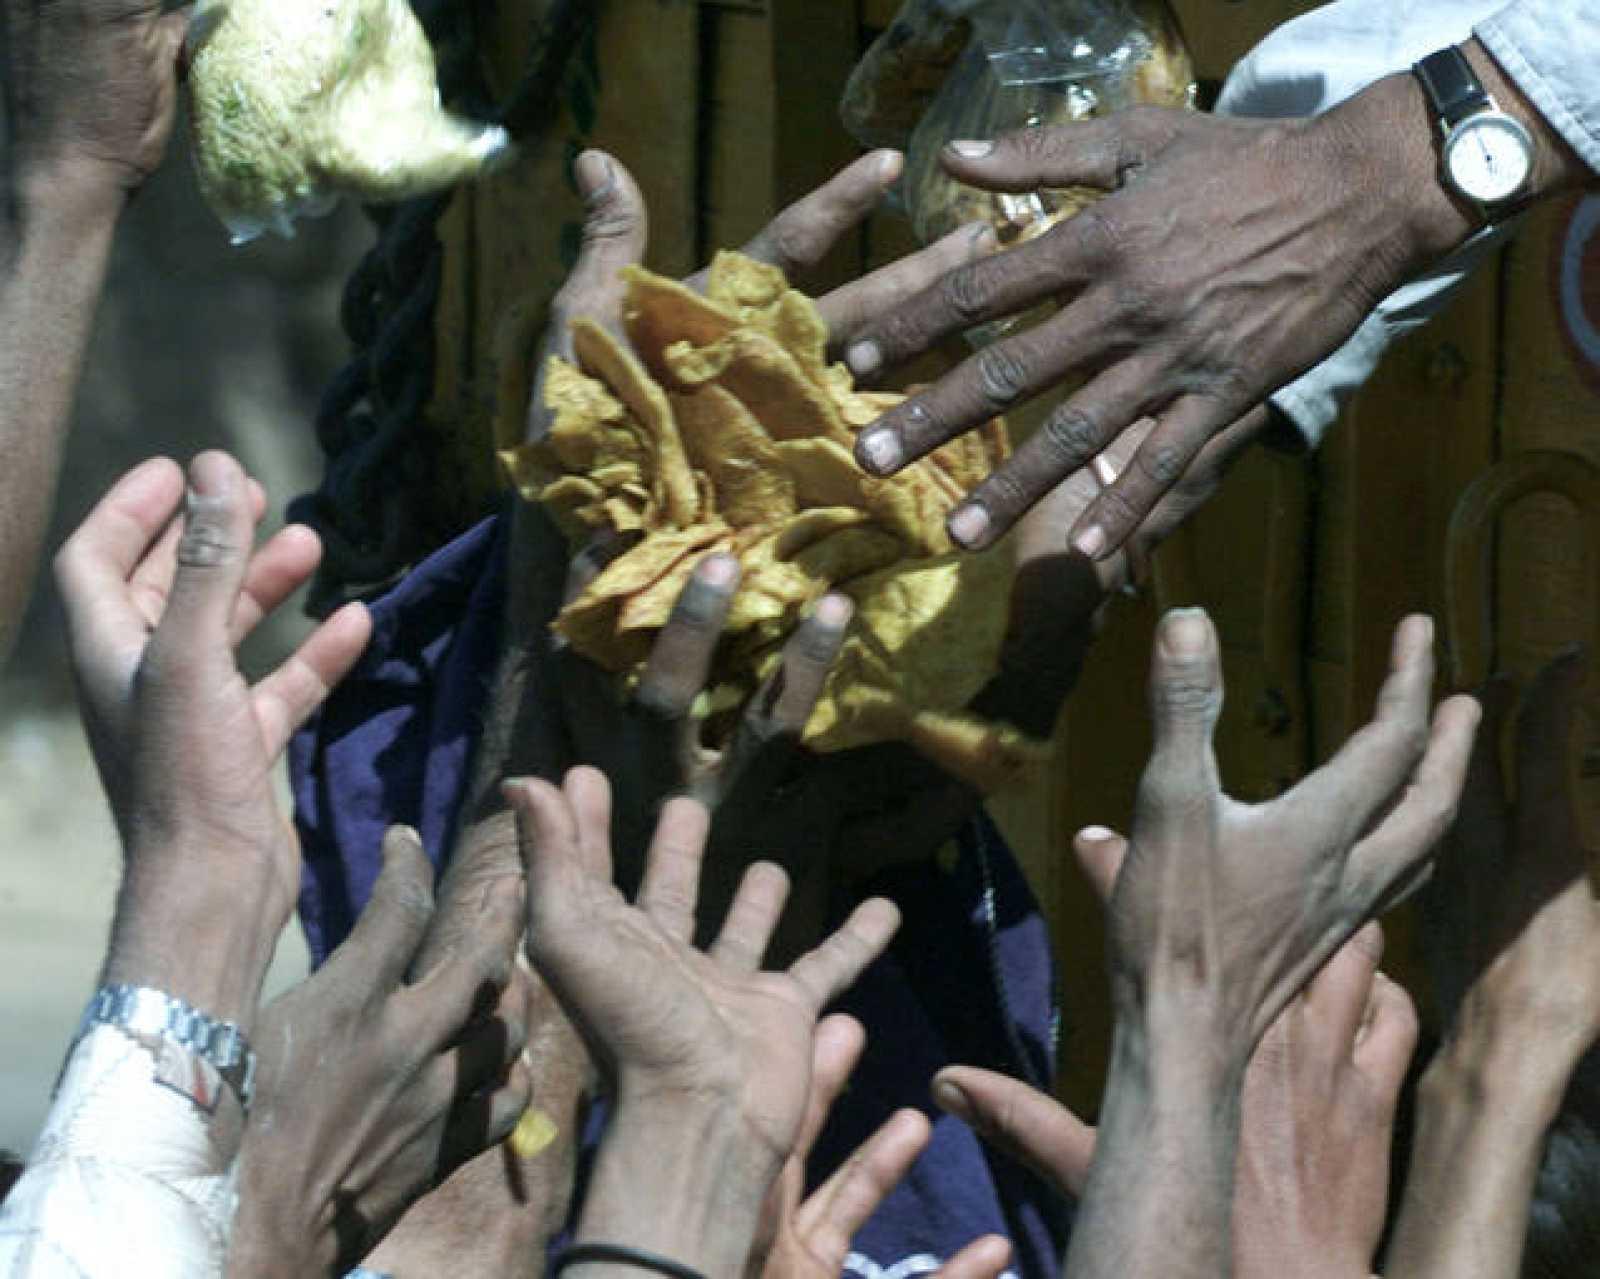 Las víctimas del hambre han aumentado en 2008. En la imagen, un grupo de personas trata de coger comida.